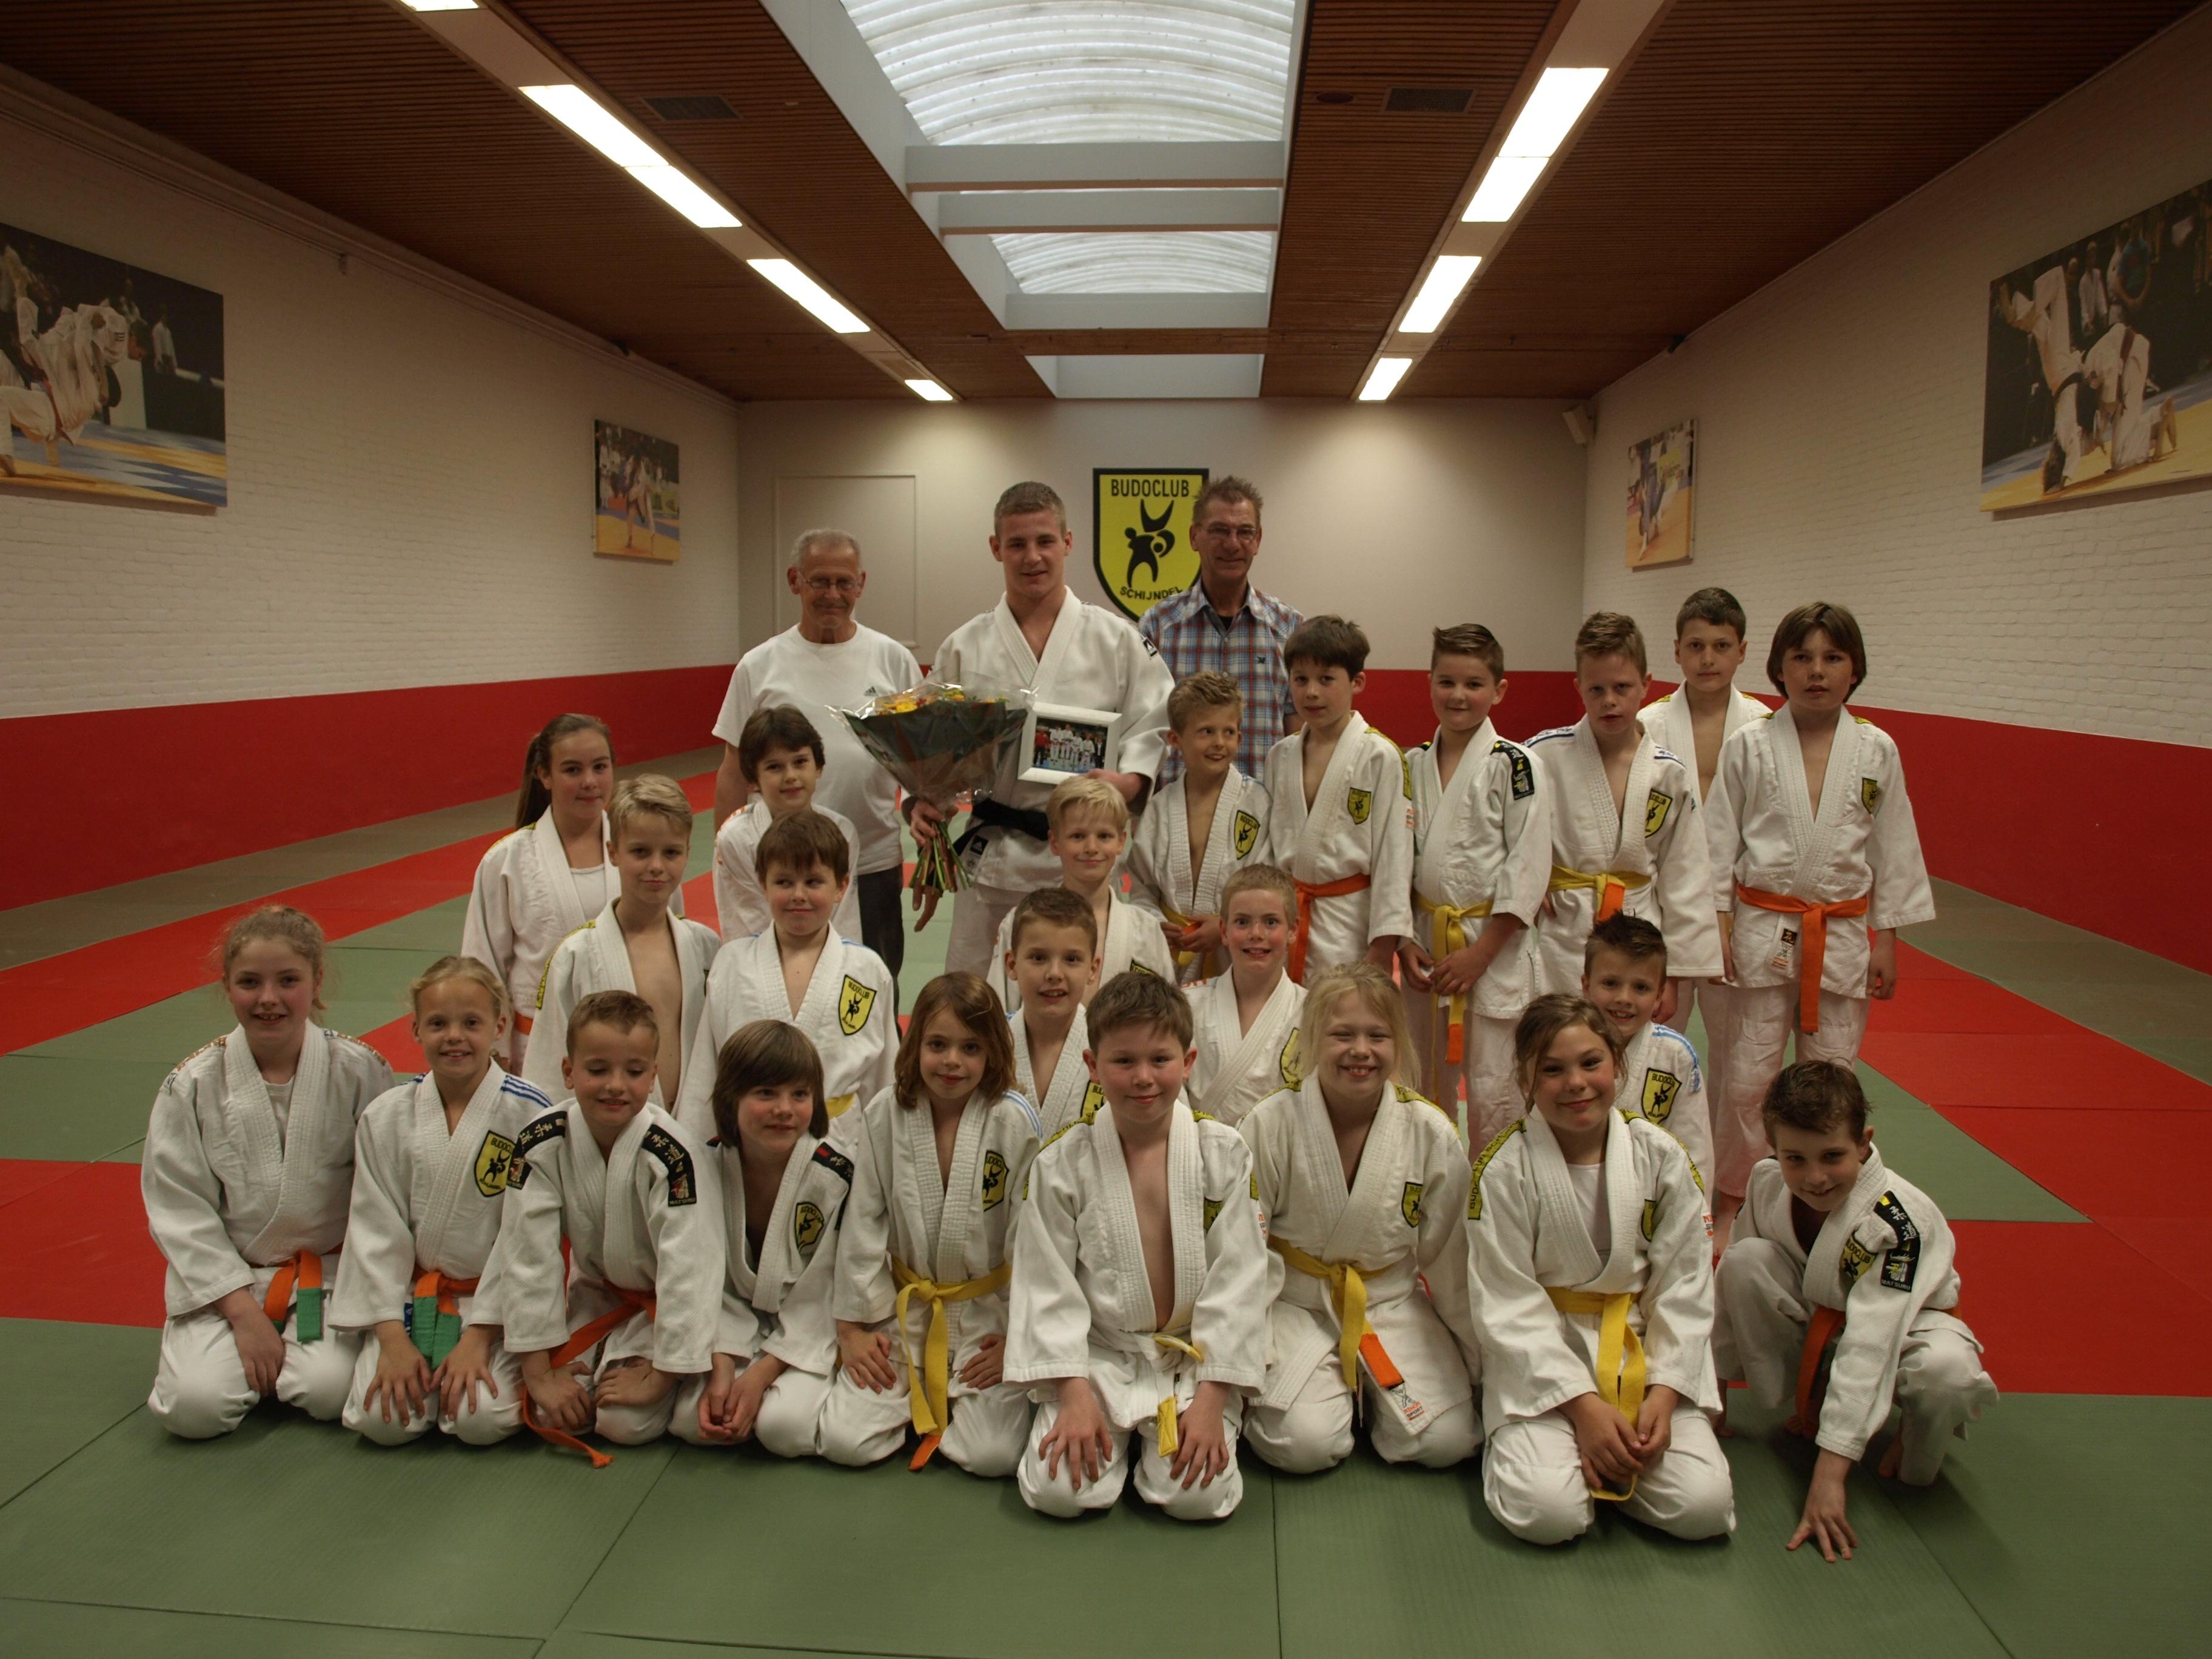 Huldiging Jasper vd Oetelaar Nederlands kampioen